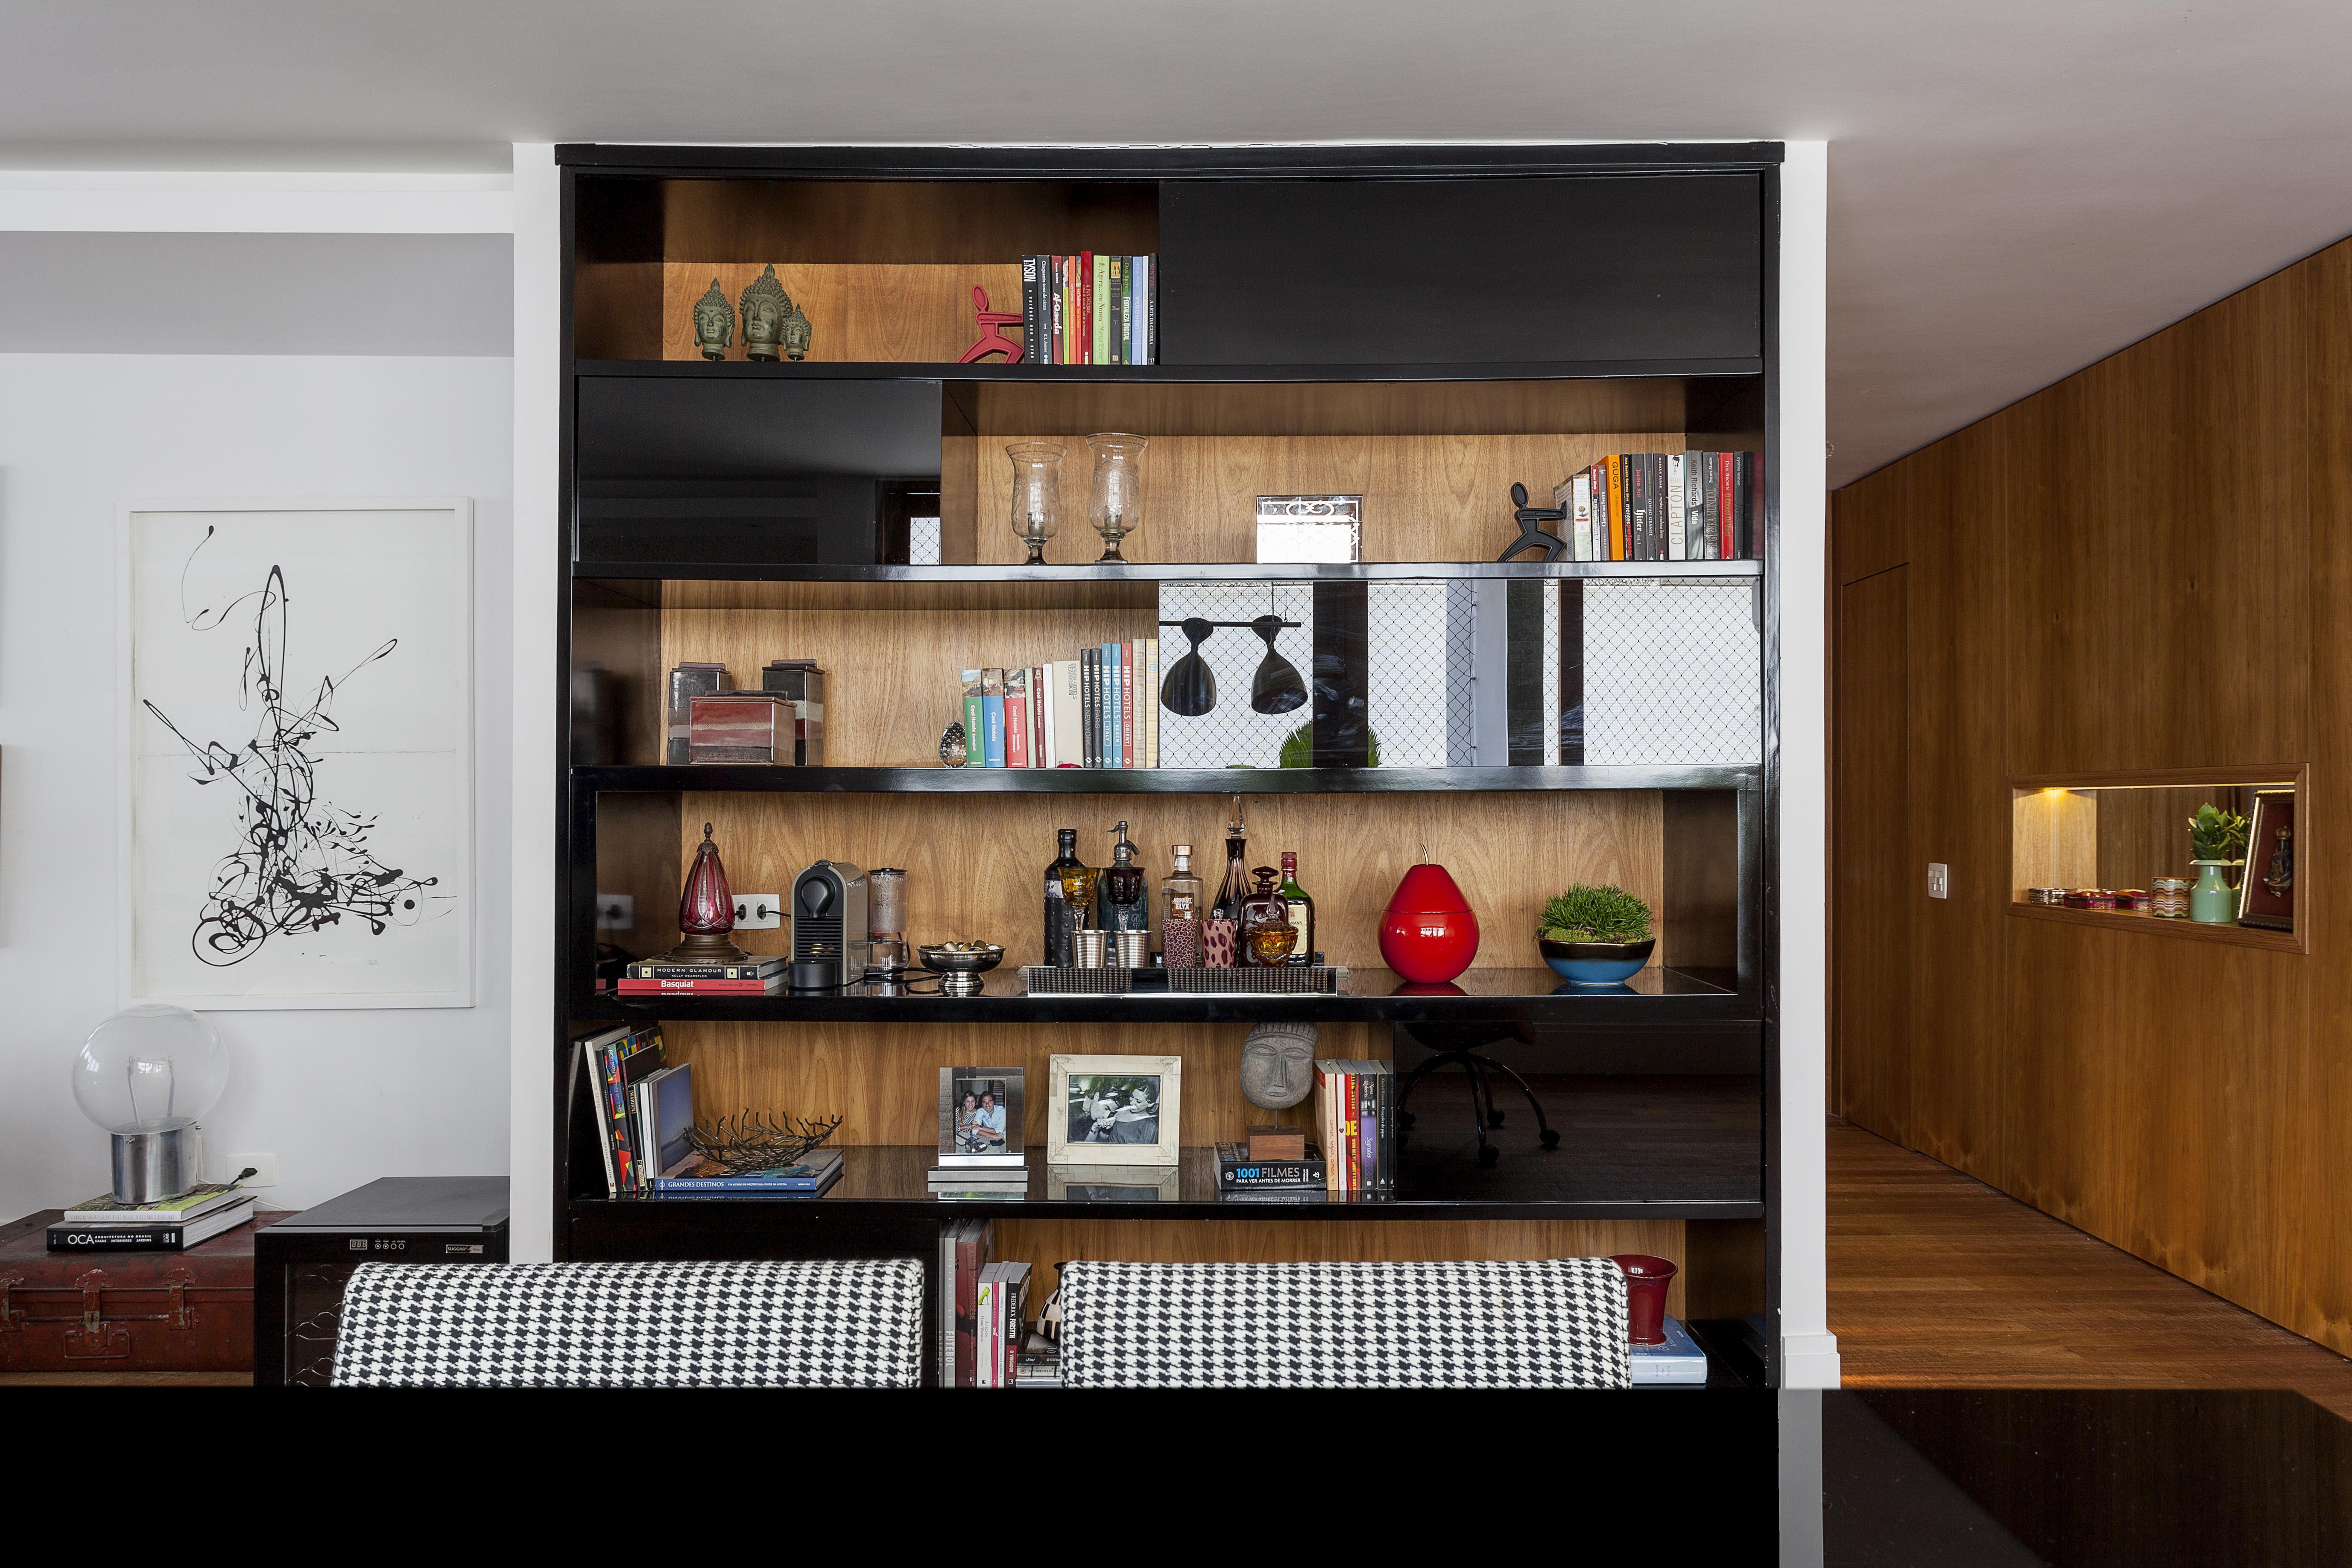 Na foto, aparece estante de madeira com portas pretas. Há vários objetos na estante, como livros, vasos e enfeites